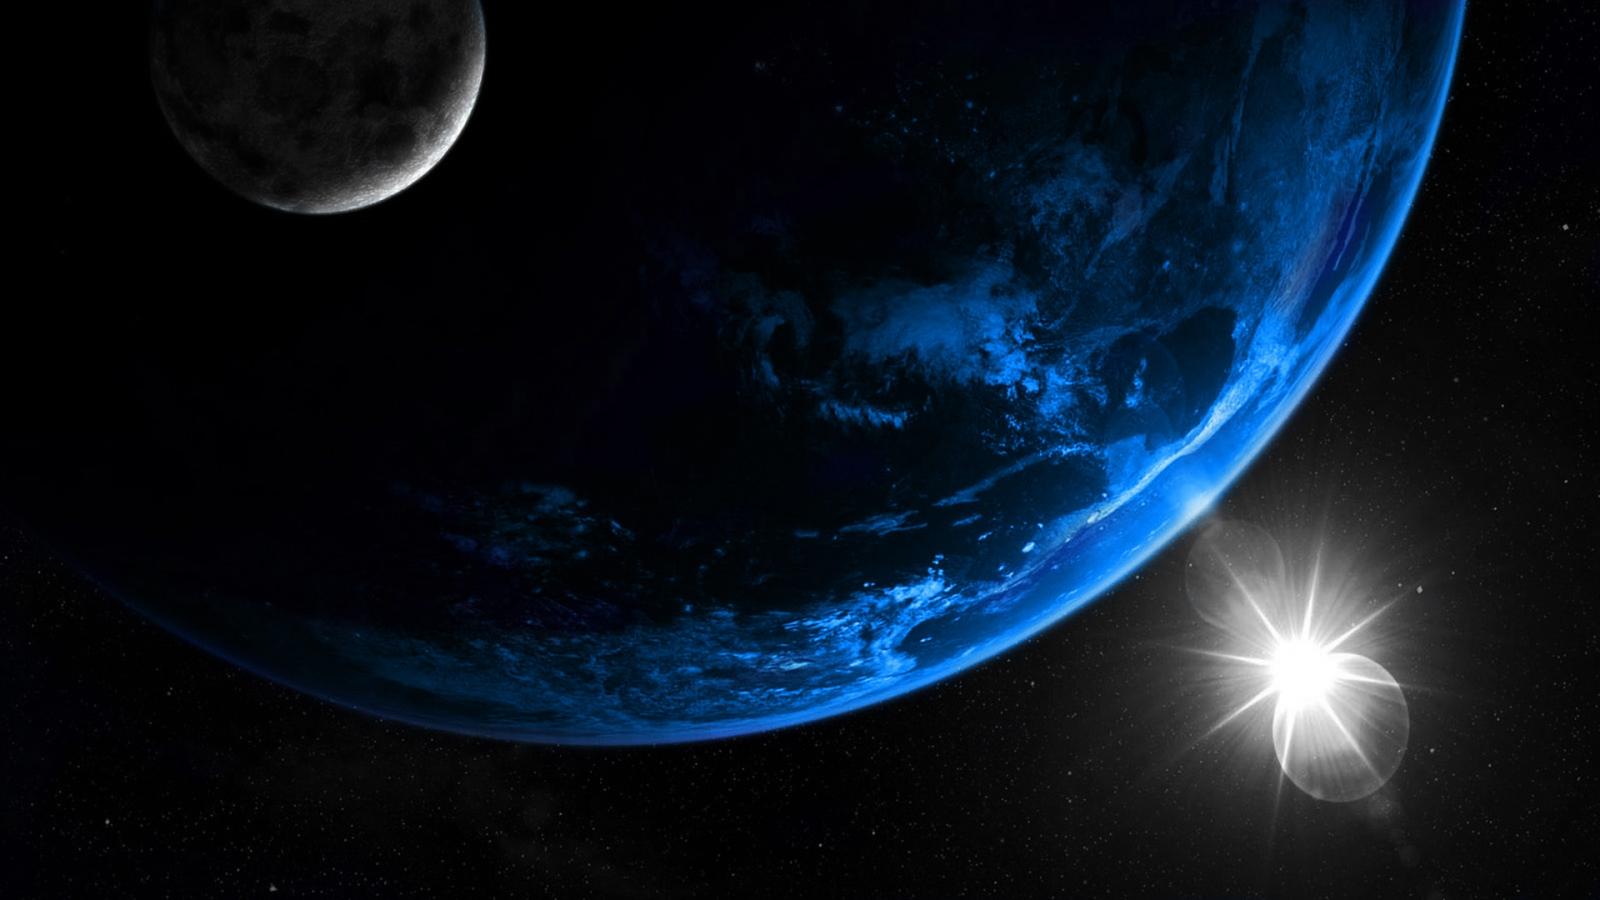 538042a2f06ee_space.jpg